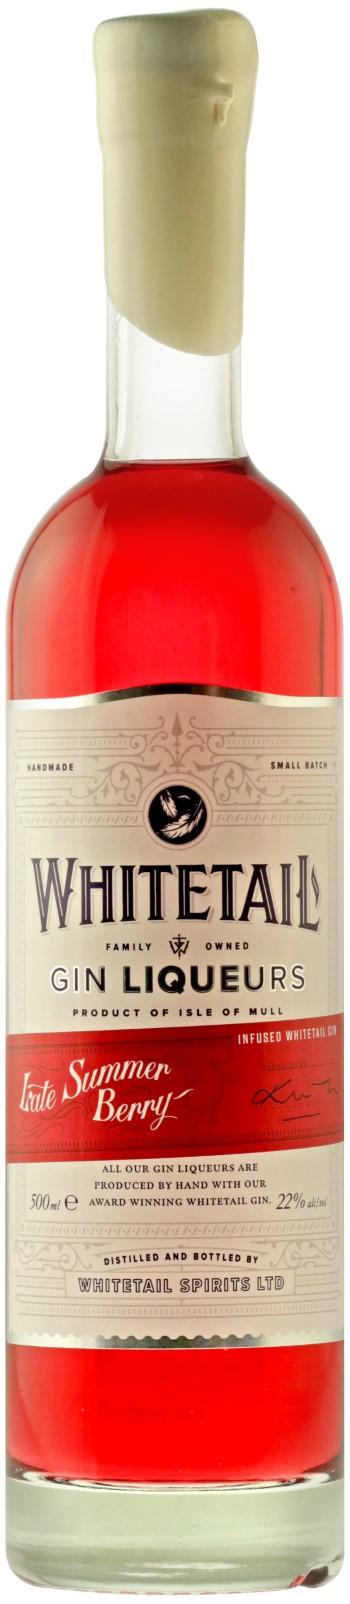 Best Scottish Gin